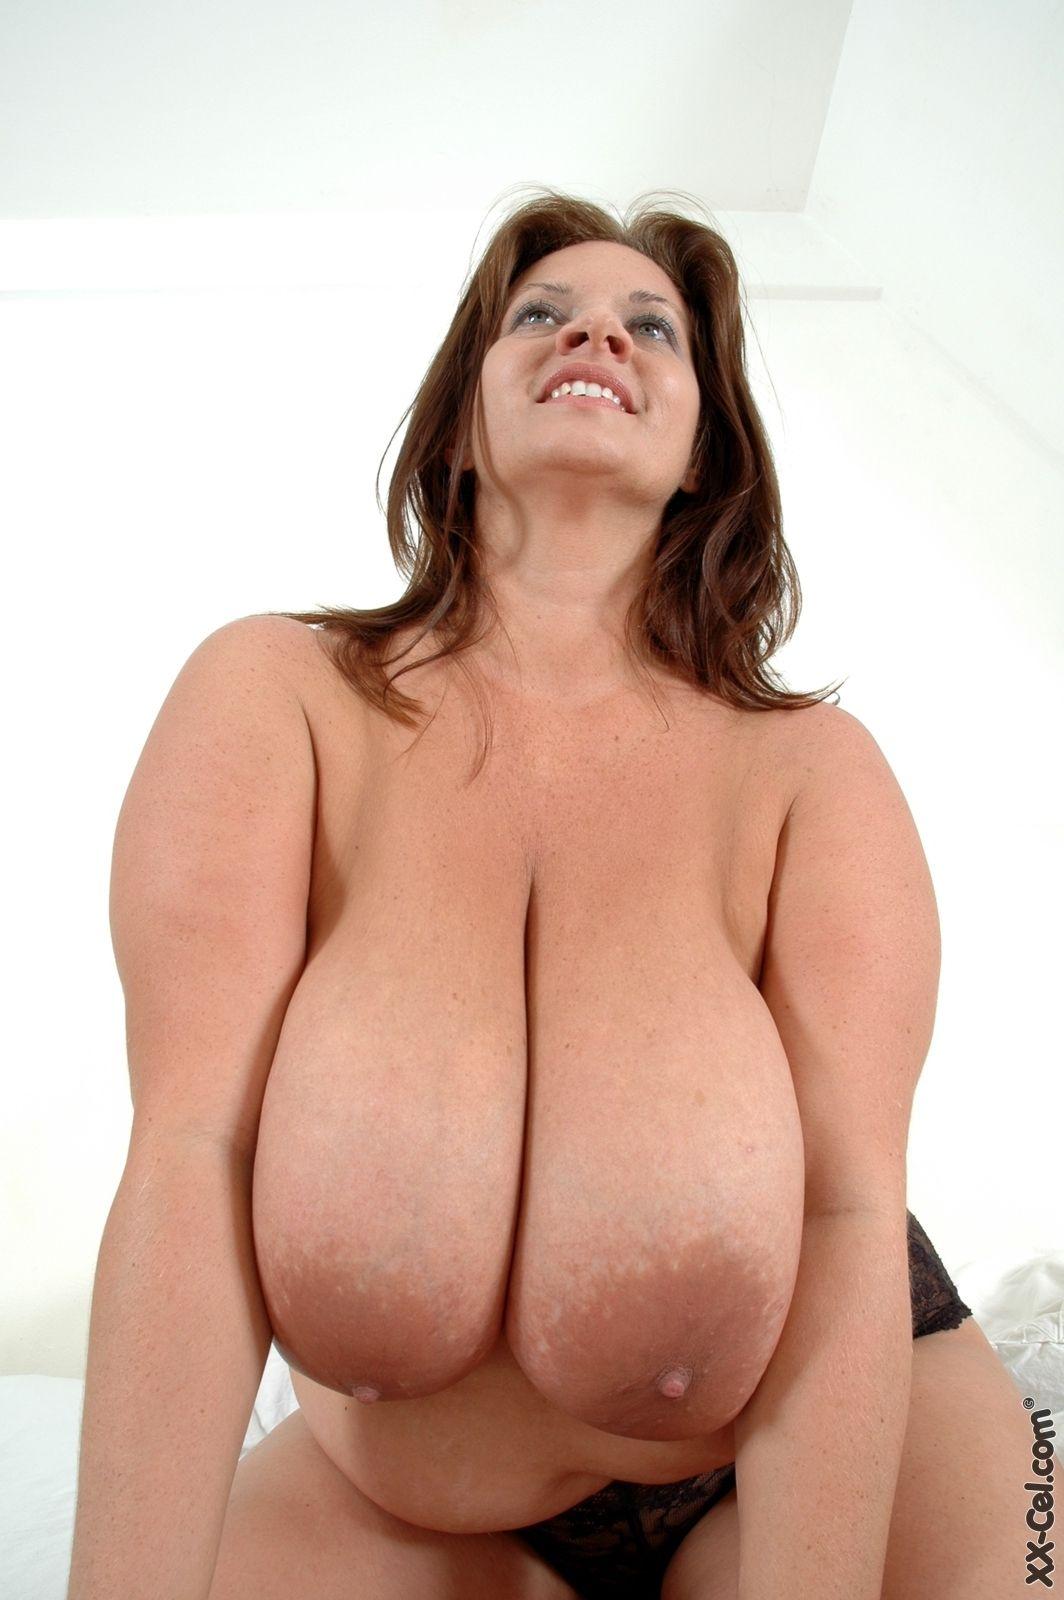 My Boob Site Big Tits Blog » Blog Archive » Maria Moore ...